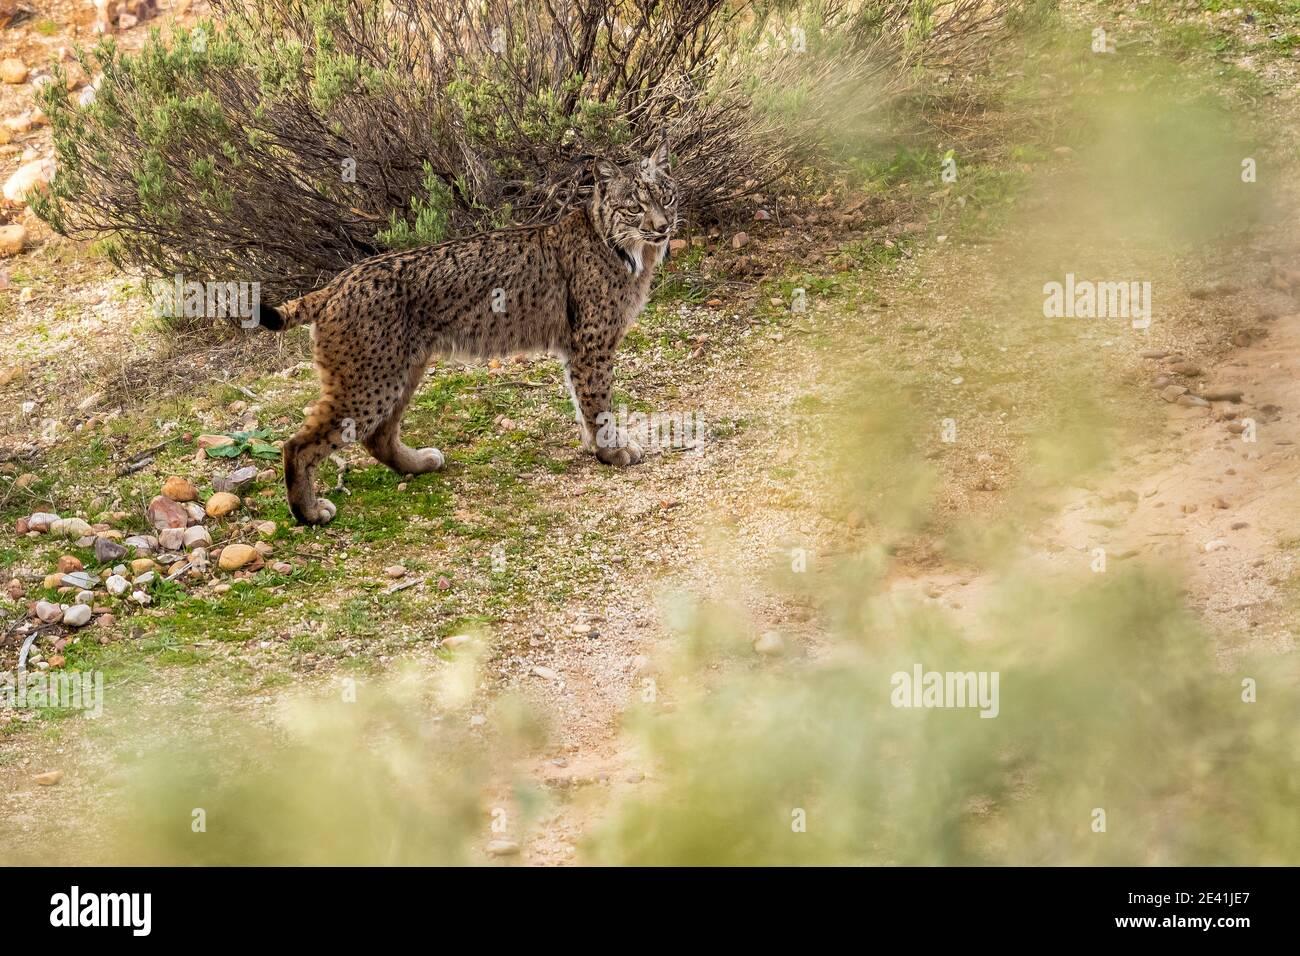 Lynx ibérique (Lynx pardinus), homme debout, vue latérale, Espagne, Andalousie Banque D'Images